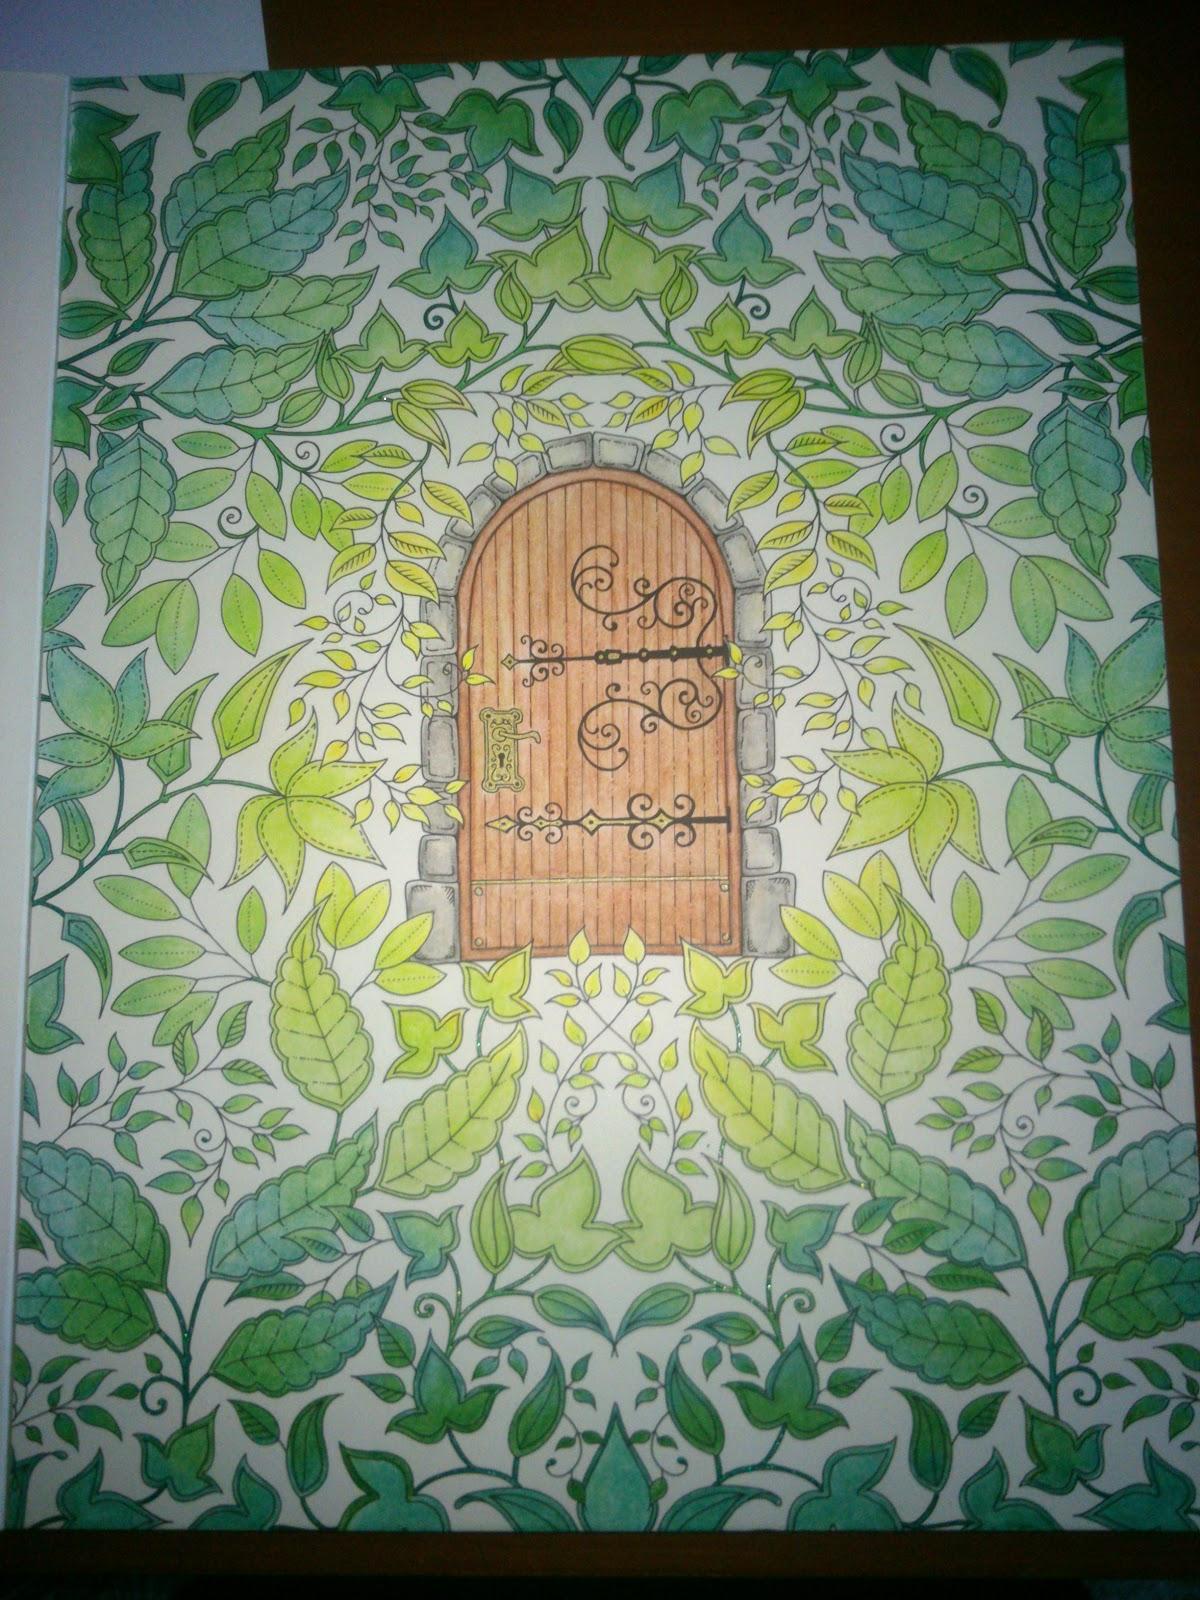 Kleurplaten Voor Volwassenen Mijn Geheime Tuin.Perfectsweetcolors Mijn Geheime Tuin Speciale Editie Uitgeverij Thoth